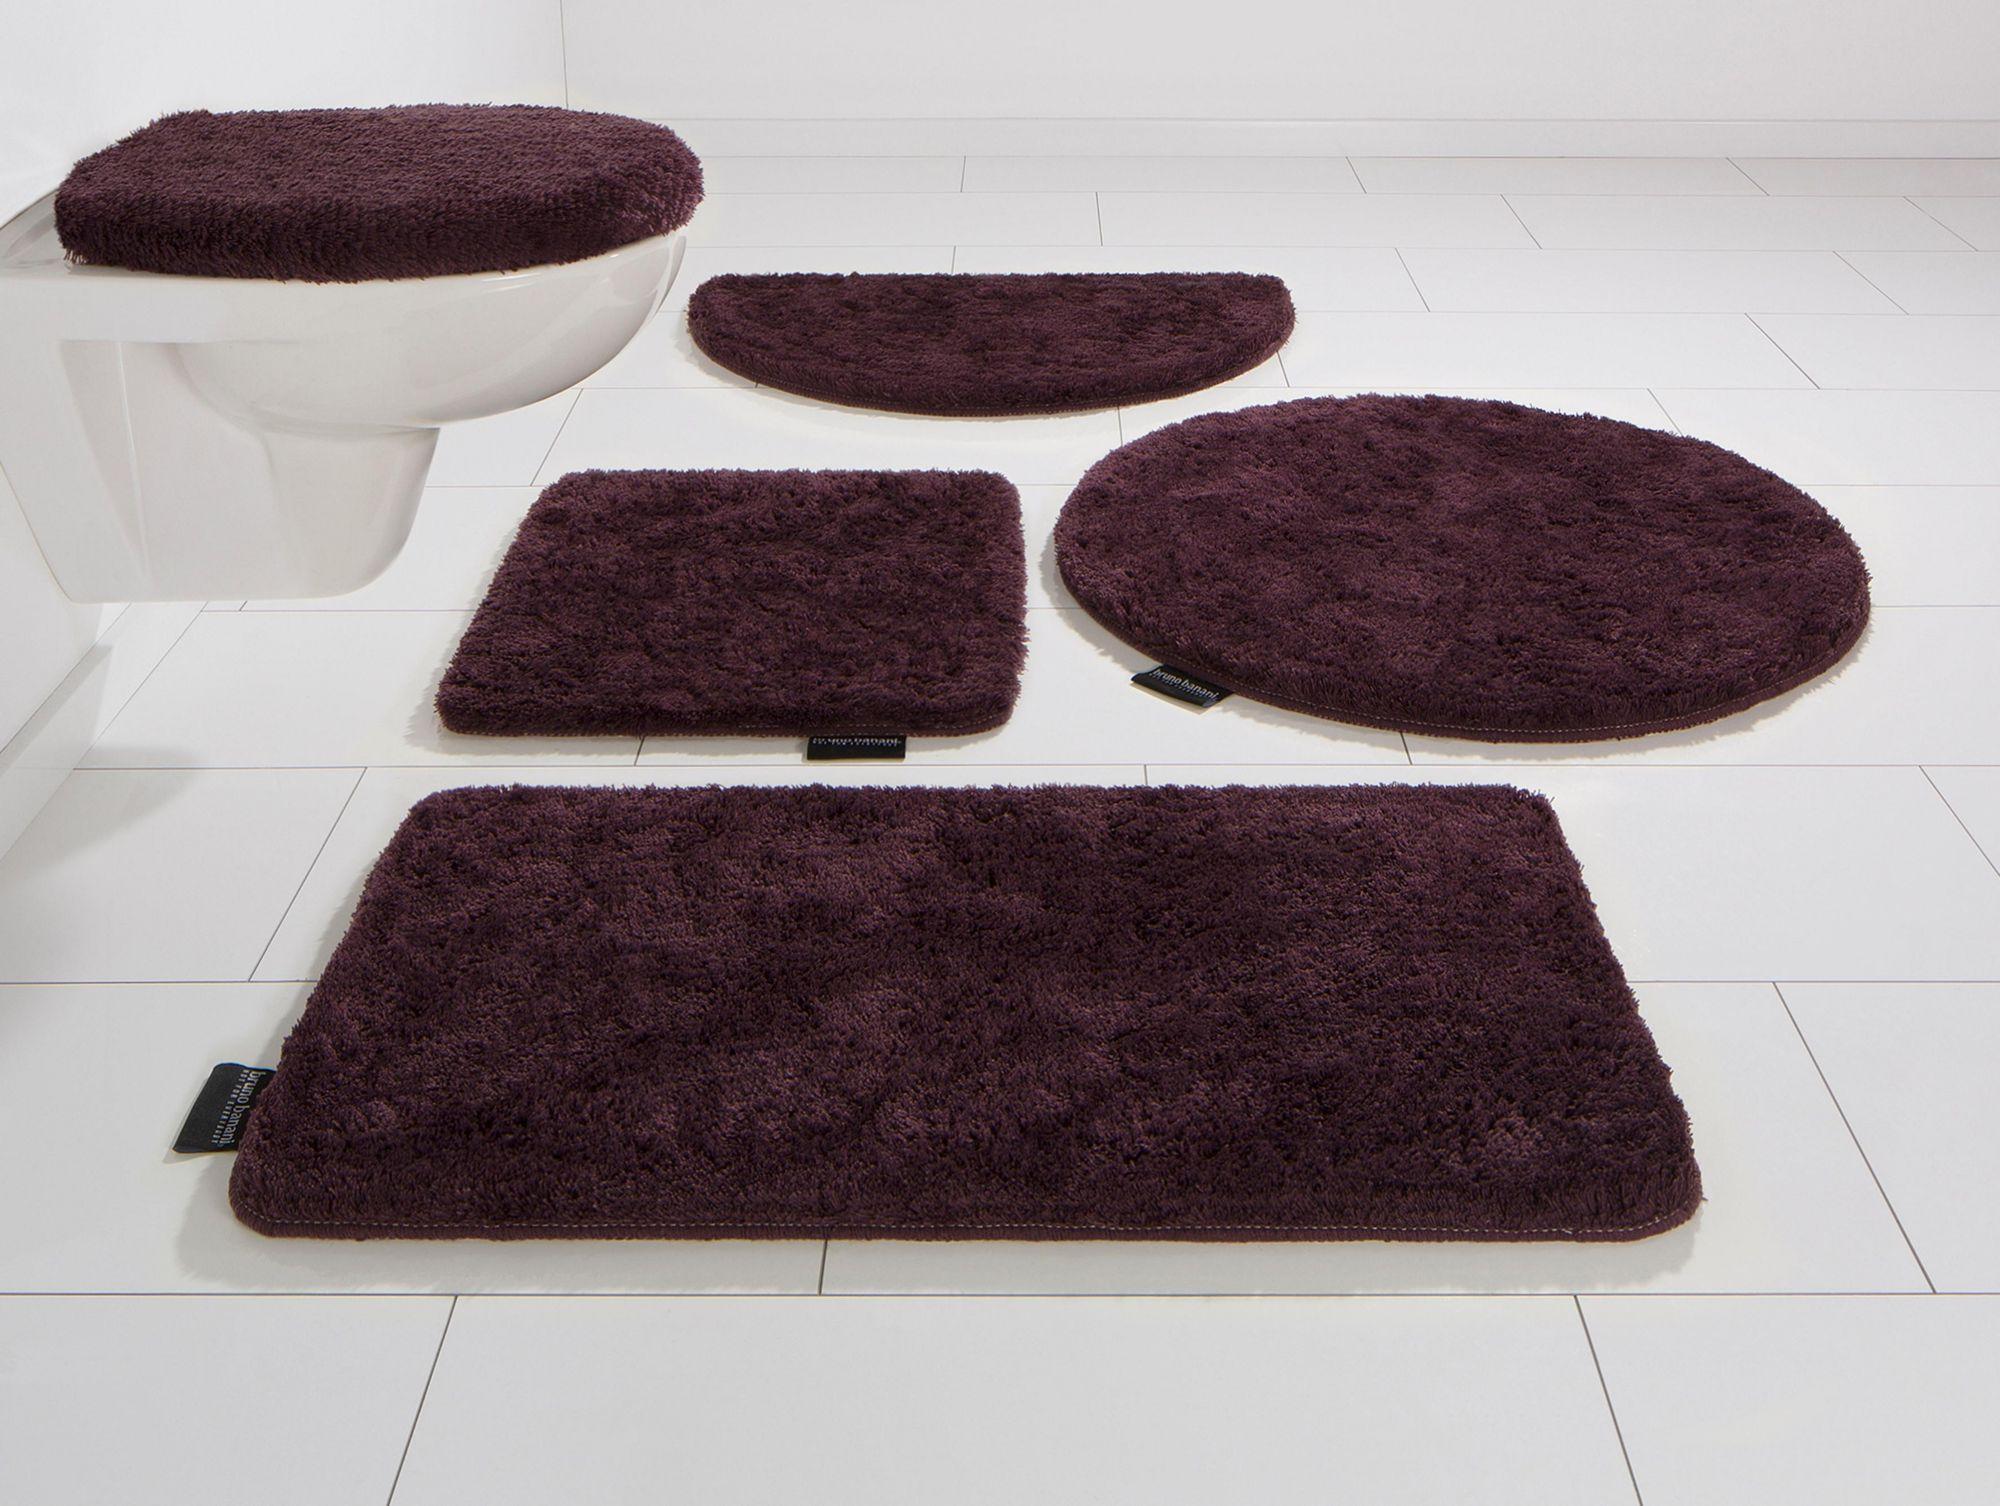 BRUNO BANANI Badematte, 3 tlg. Hänge WC-Set, Bruno Banani, »Lana«, Höhe 25 mm, rutschhemmender Rücken